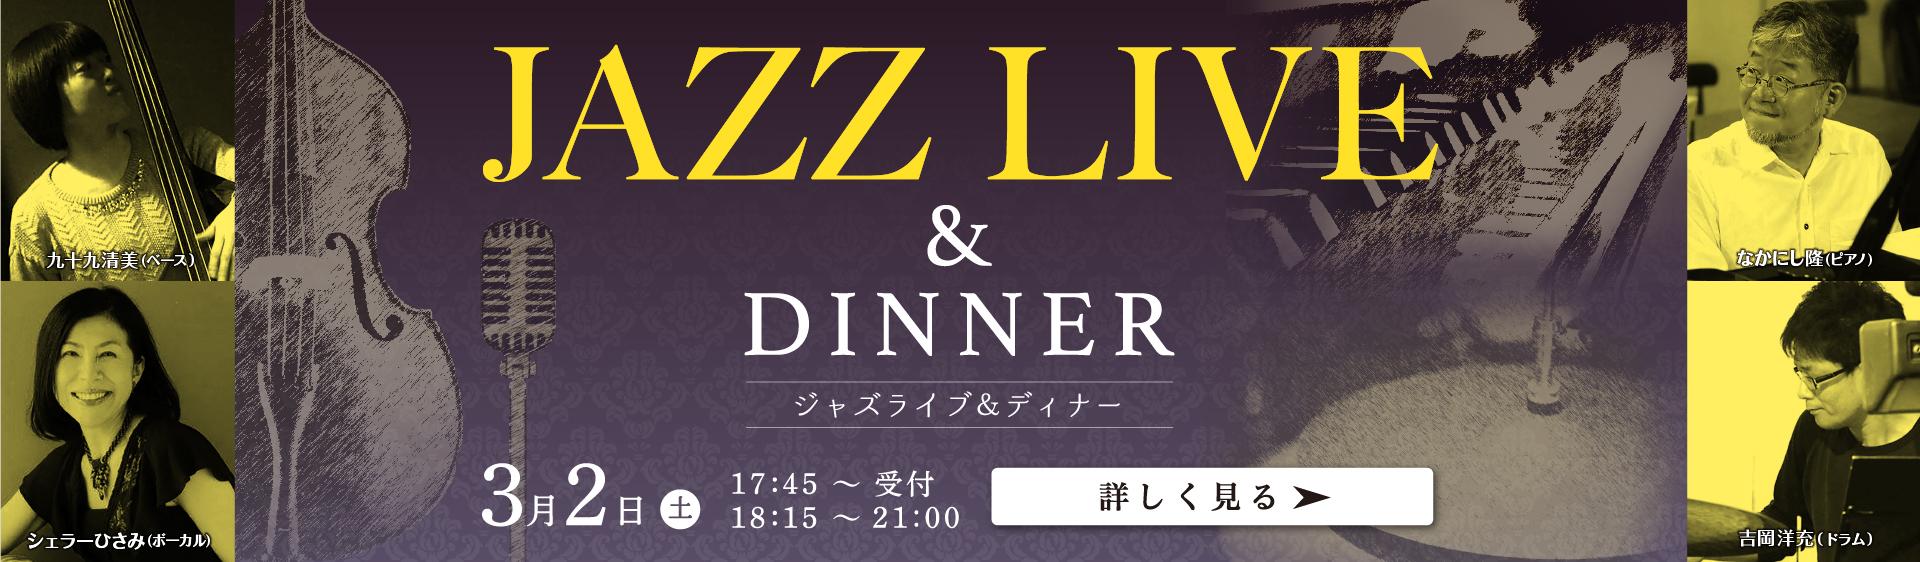 ジャズライブ & ディナー 3/2(土)